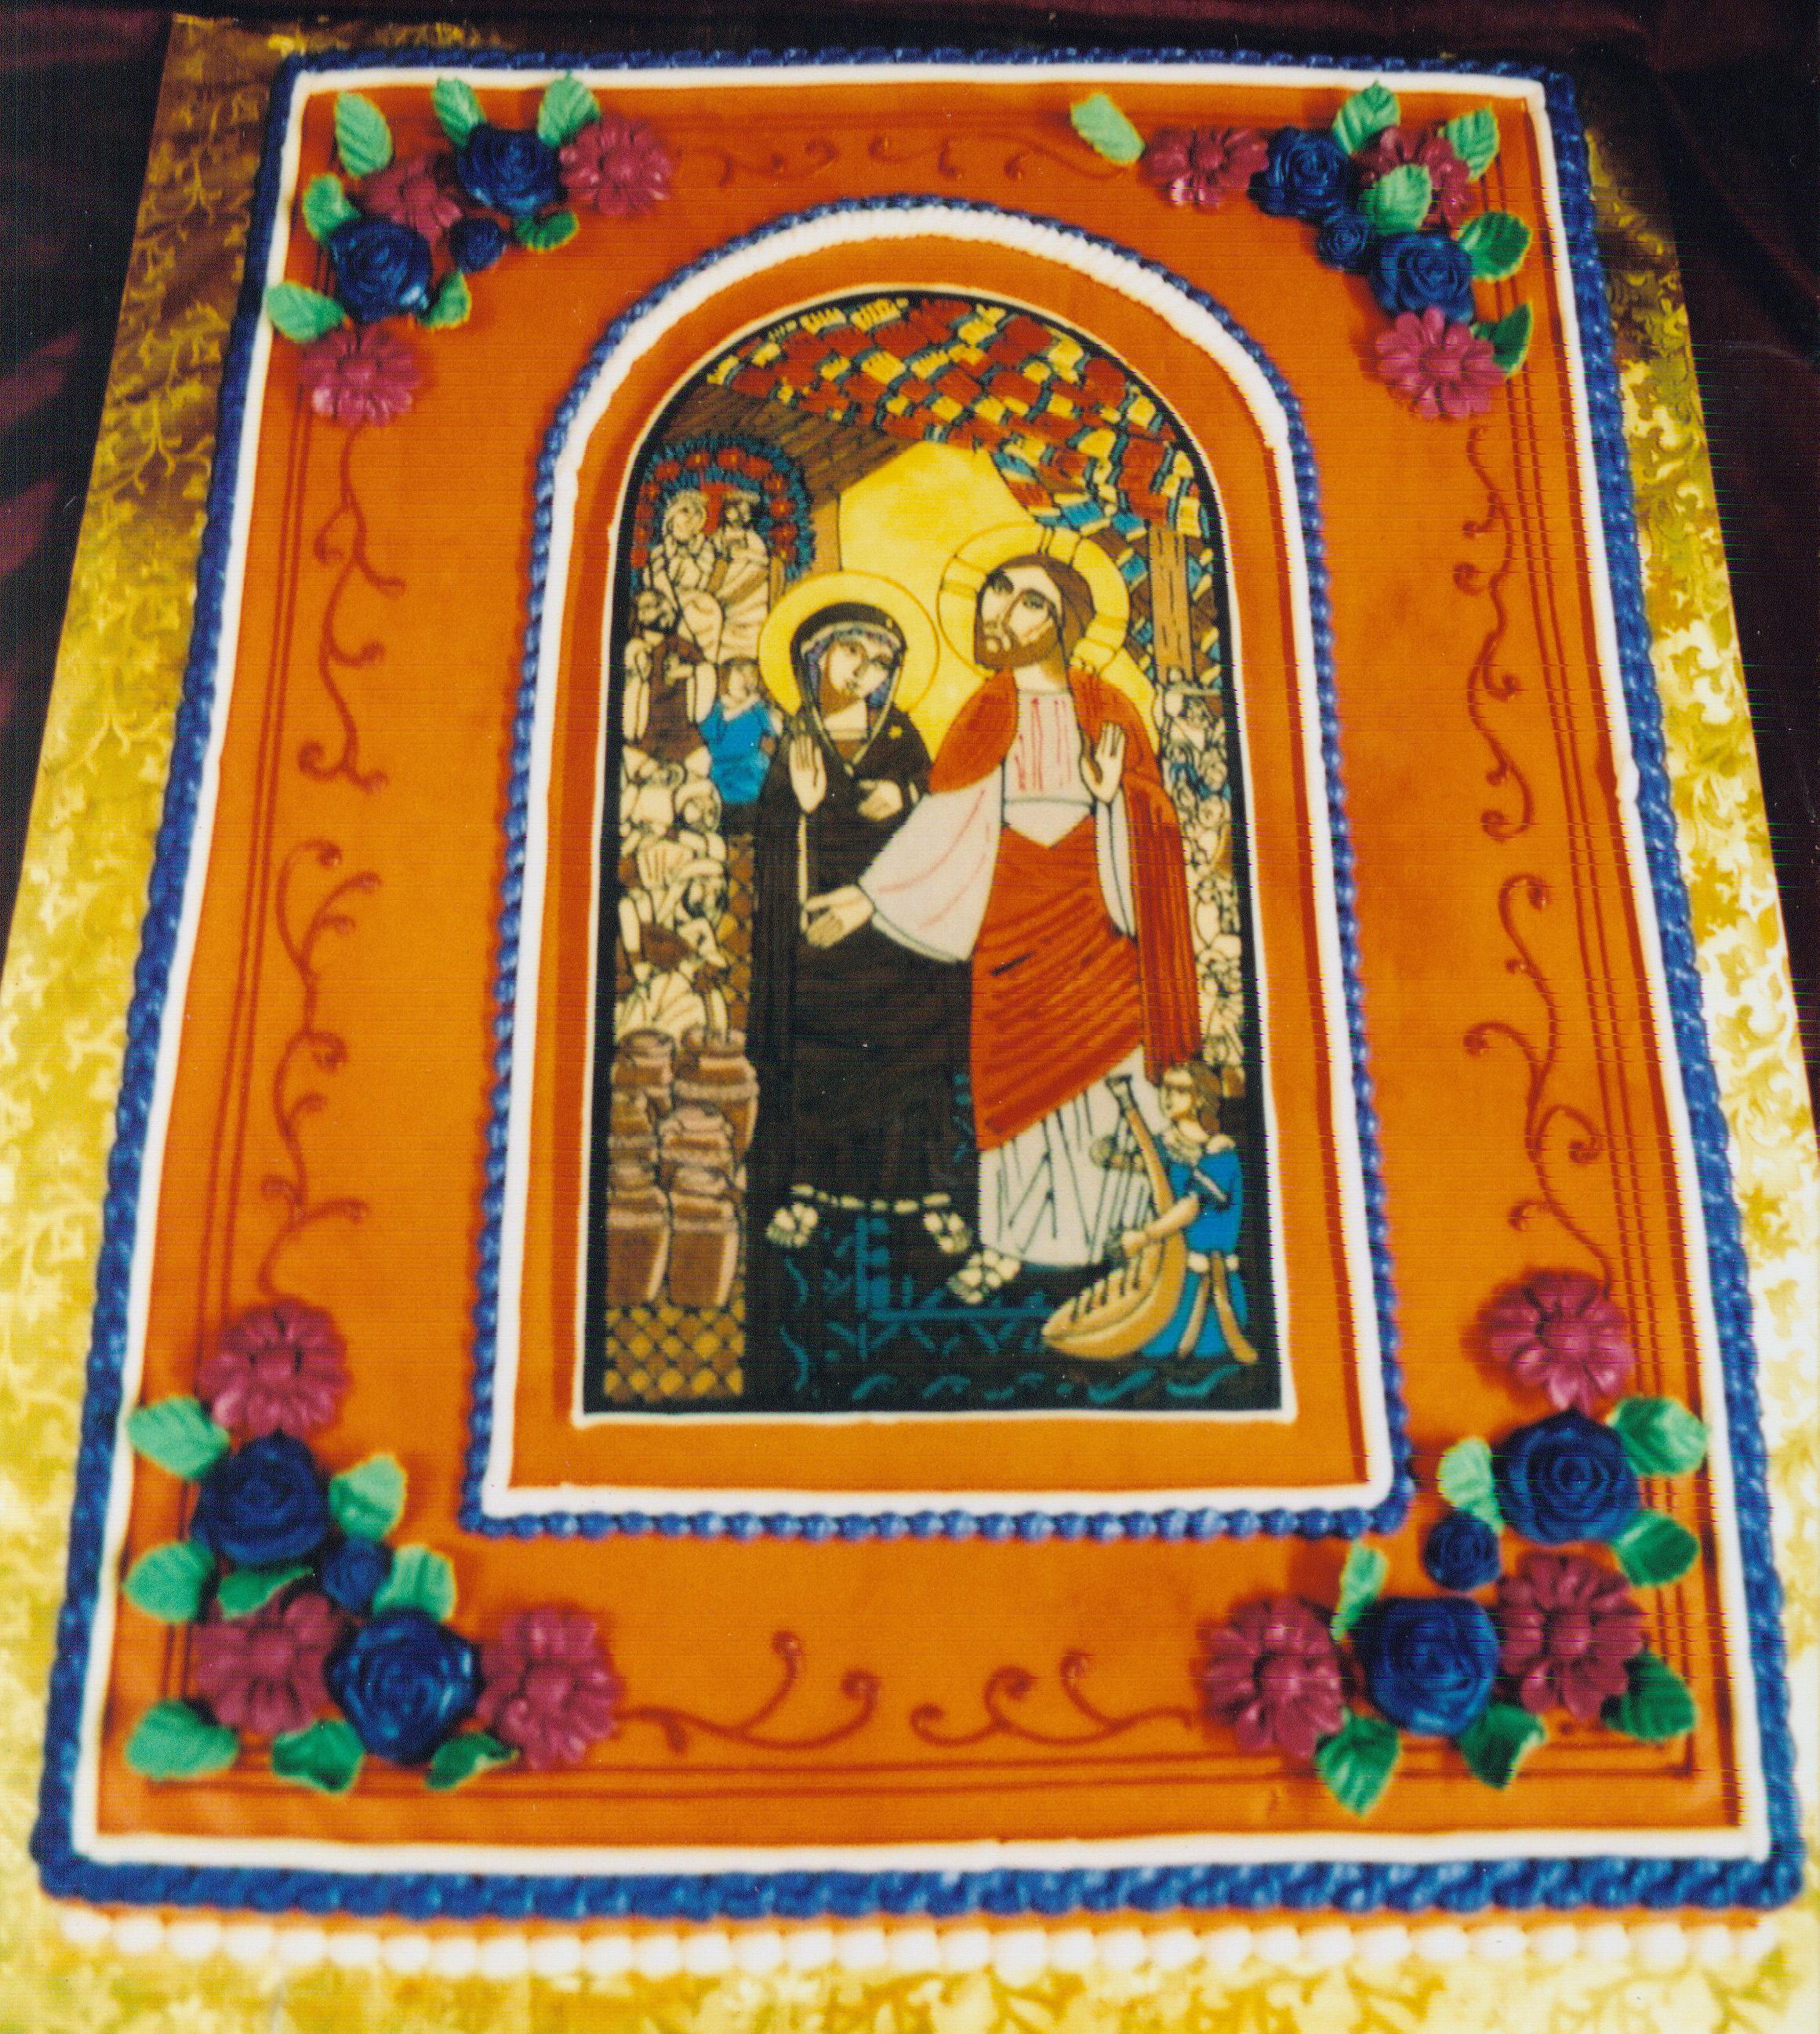 Religious wedding cake